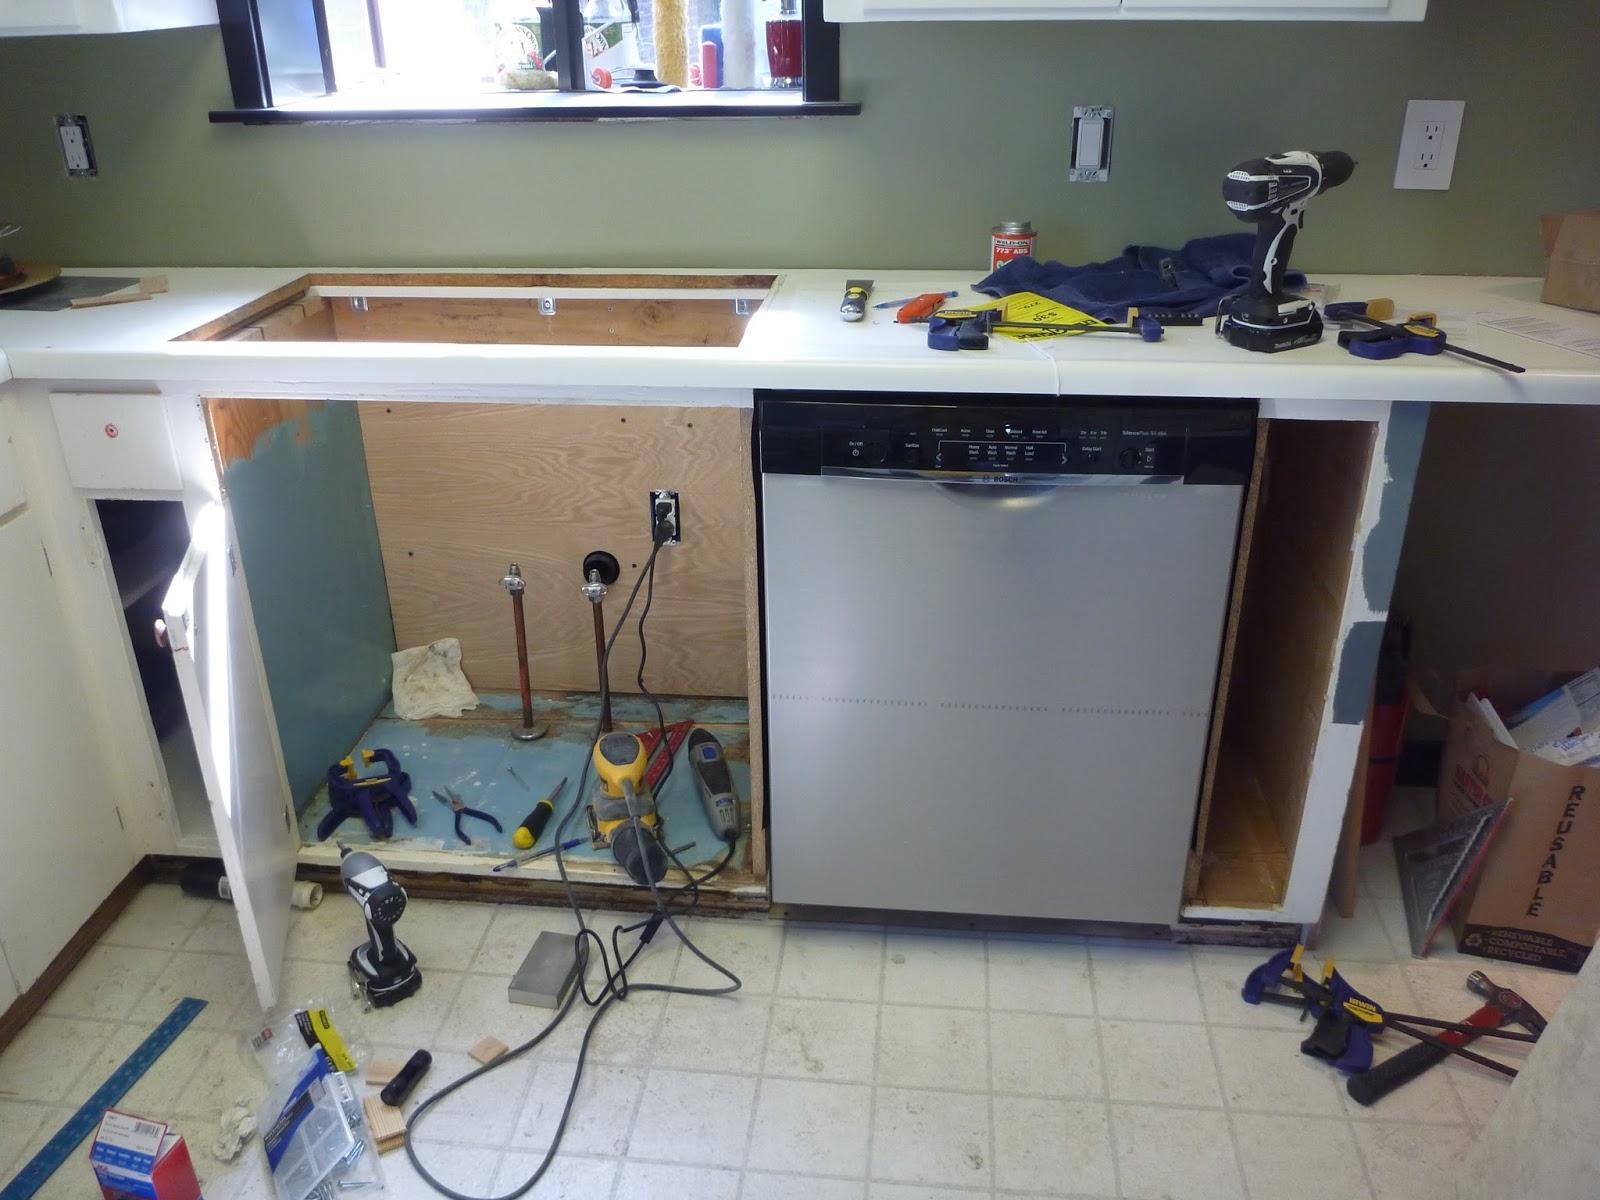 Можно ли пользоваться встраиваемой посудомойкой, не встраивая ее?